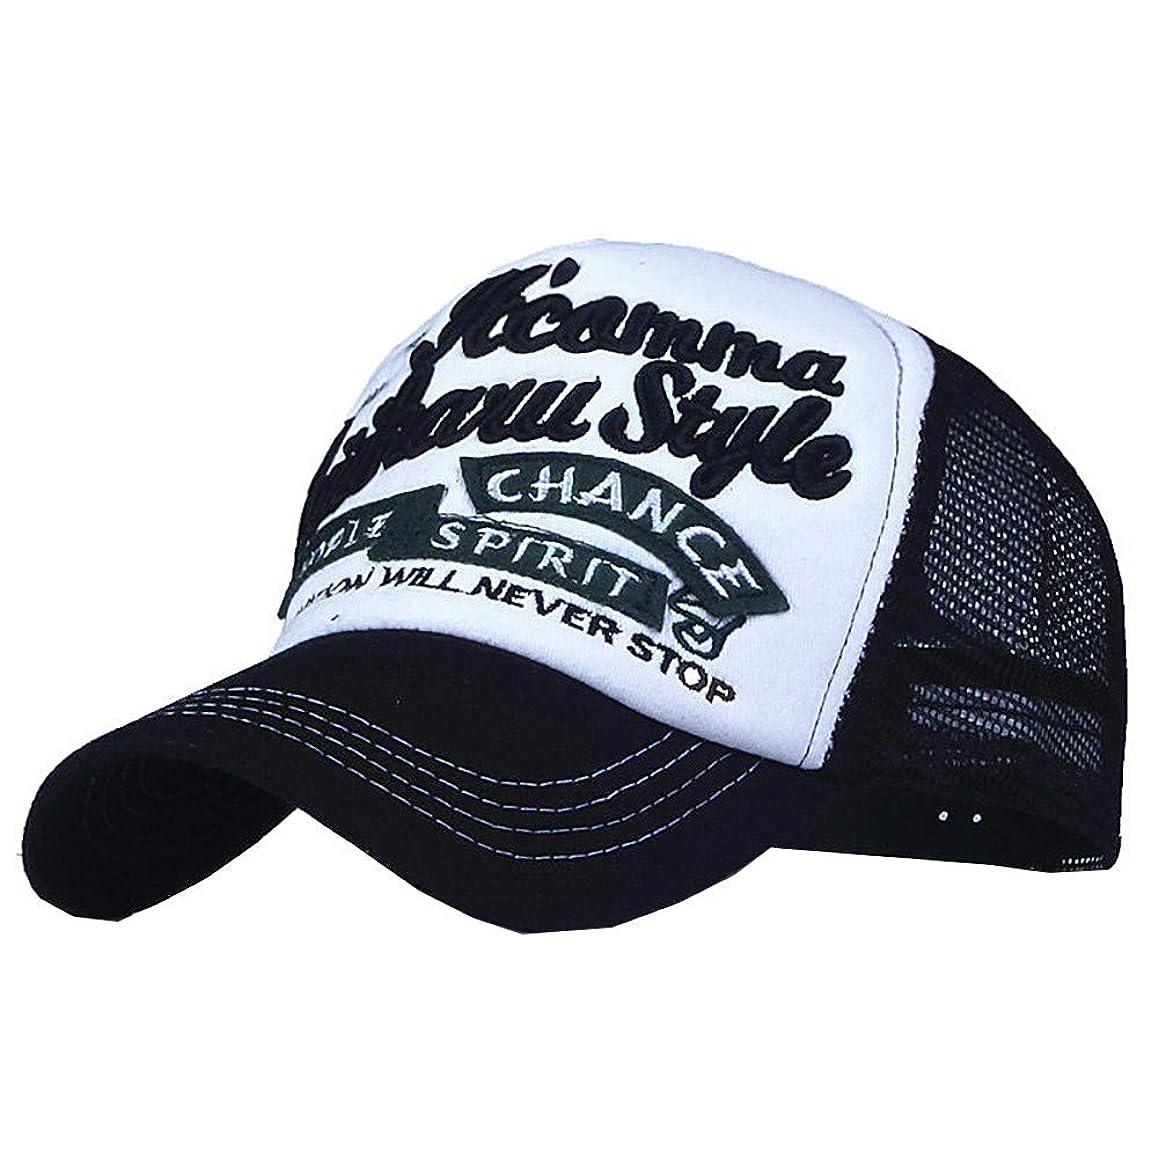 目的根拠一般化するRacazing パッチワーク 野球帽 ヒップホップ メンズ 夏 登山 帽子メッシュ 可調整可能 プラスベルベット 棒球帽 UV 帽子 軽量 屋外 Unisex 鸭舌帽 Hat Cap